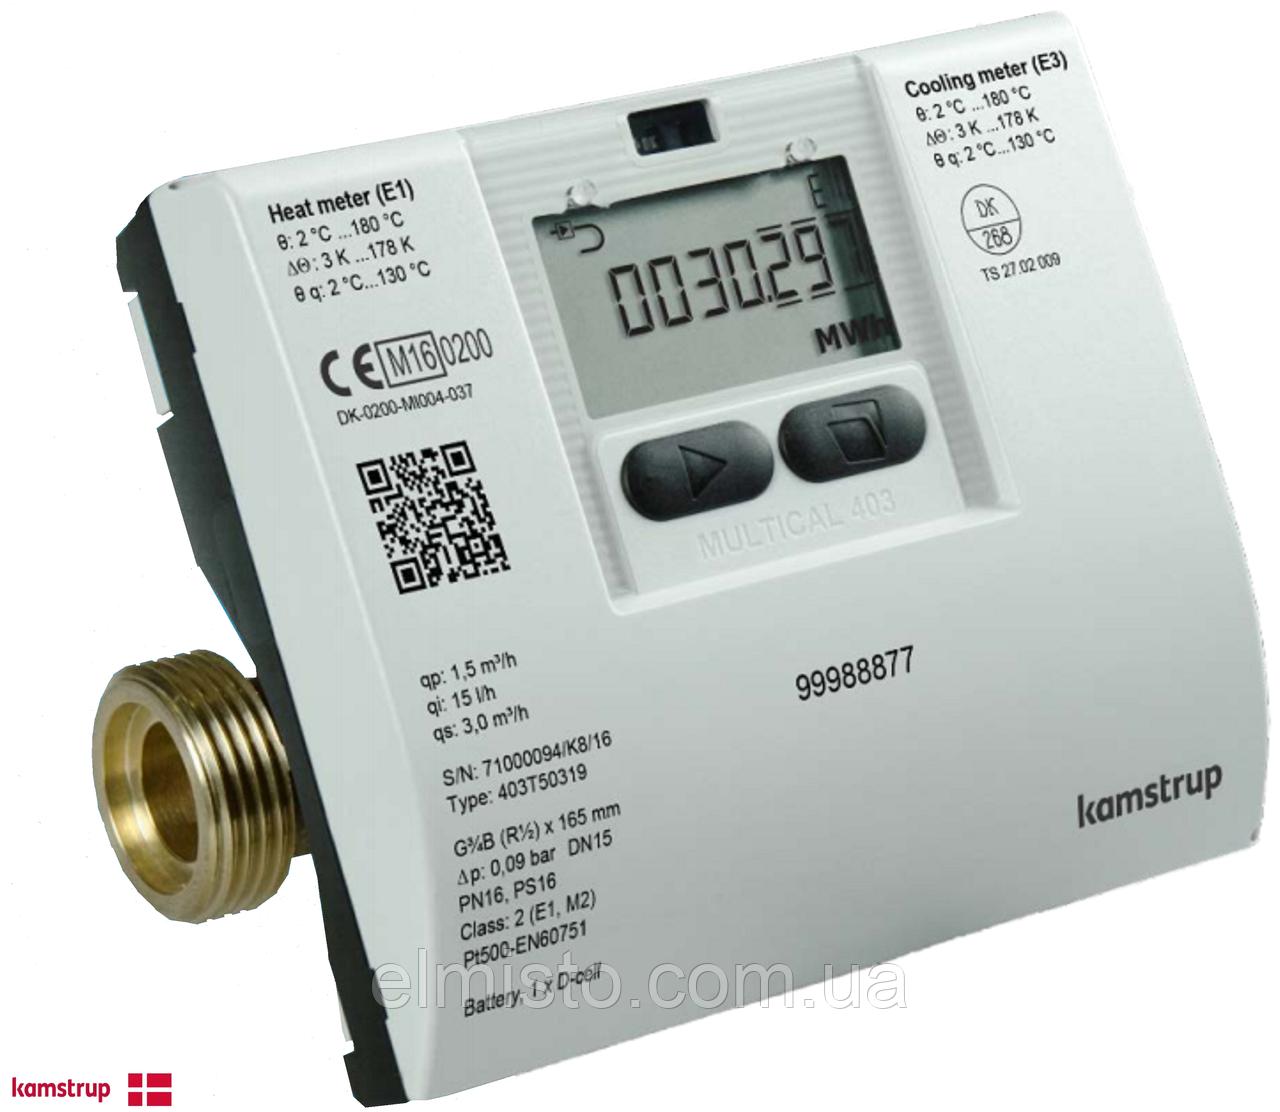 Ультразвуковой многофункциональный теплосчетчик MULTICAL 403 DN20 G1B x 130 mm, резьба,Qp 1,5 м3/ч (Kamstrup)